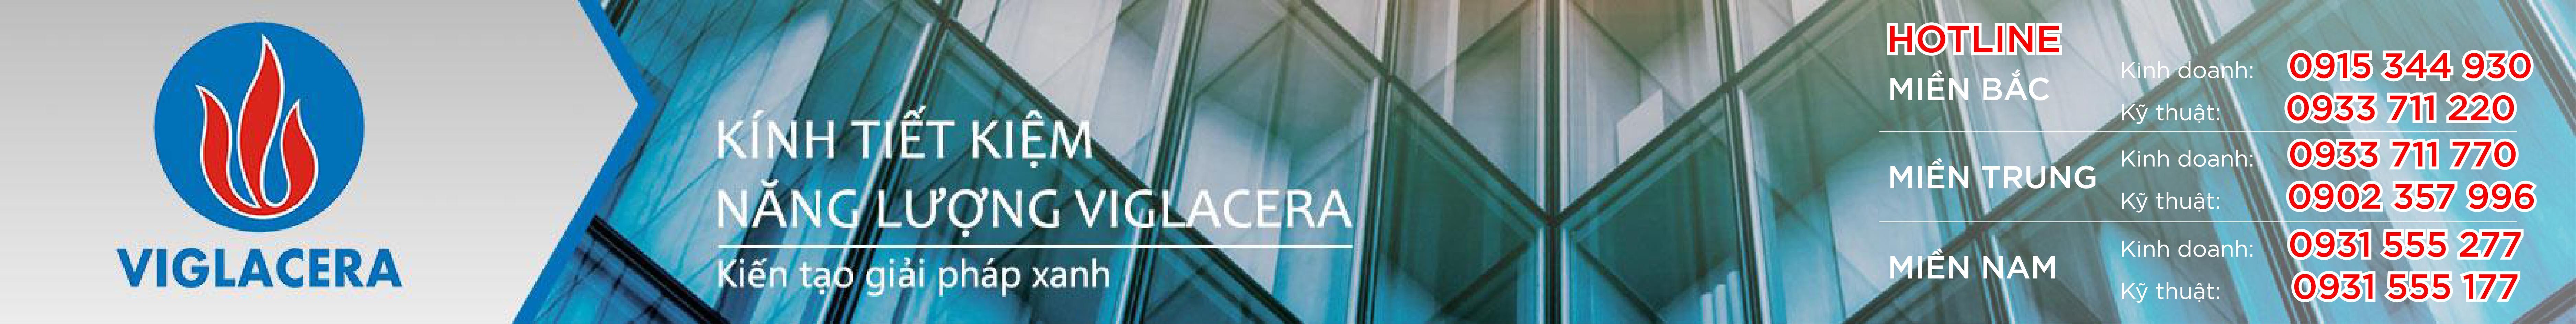 VIGLACERA - Kính tiết kiệm năng lượng